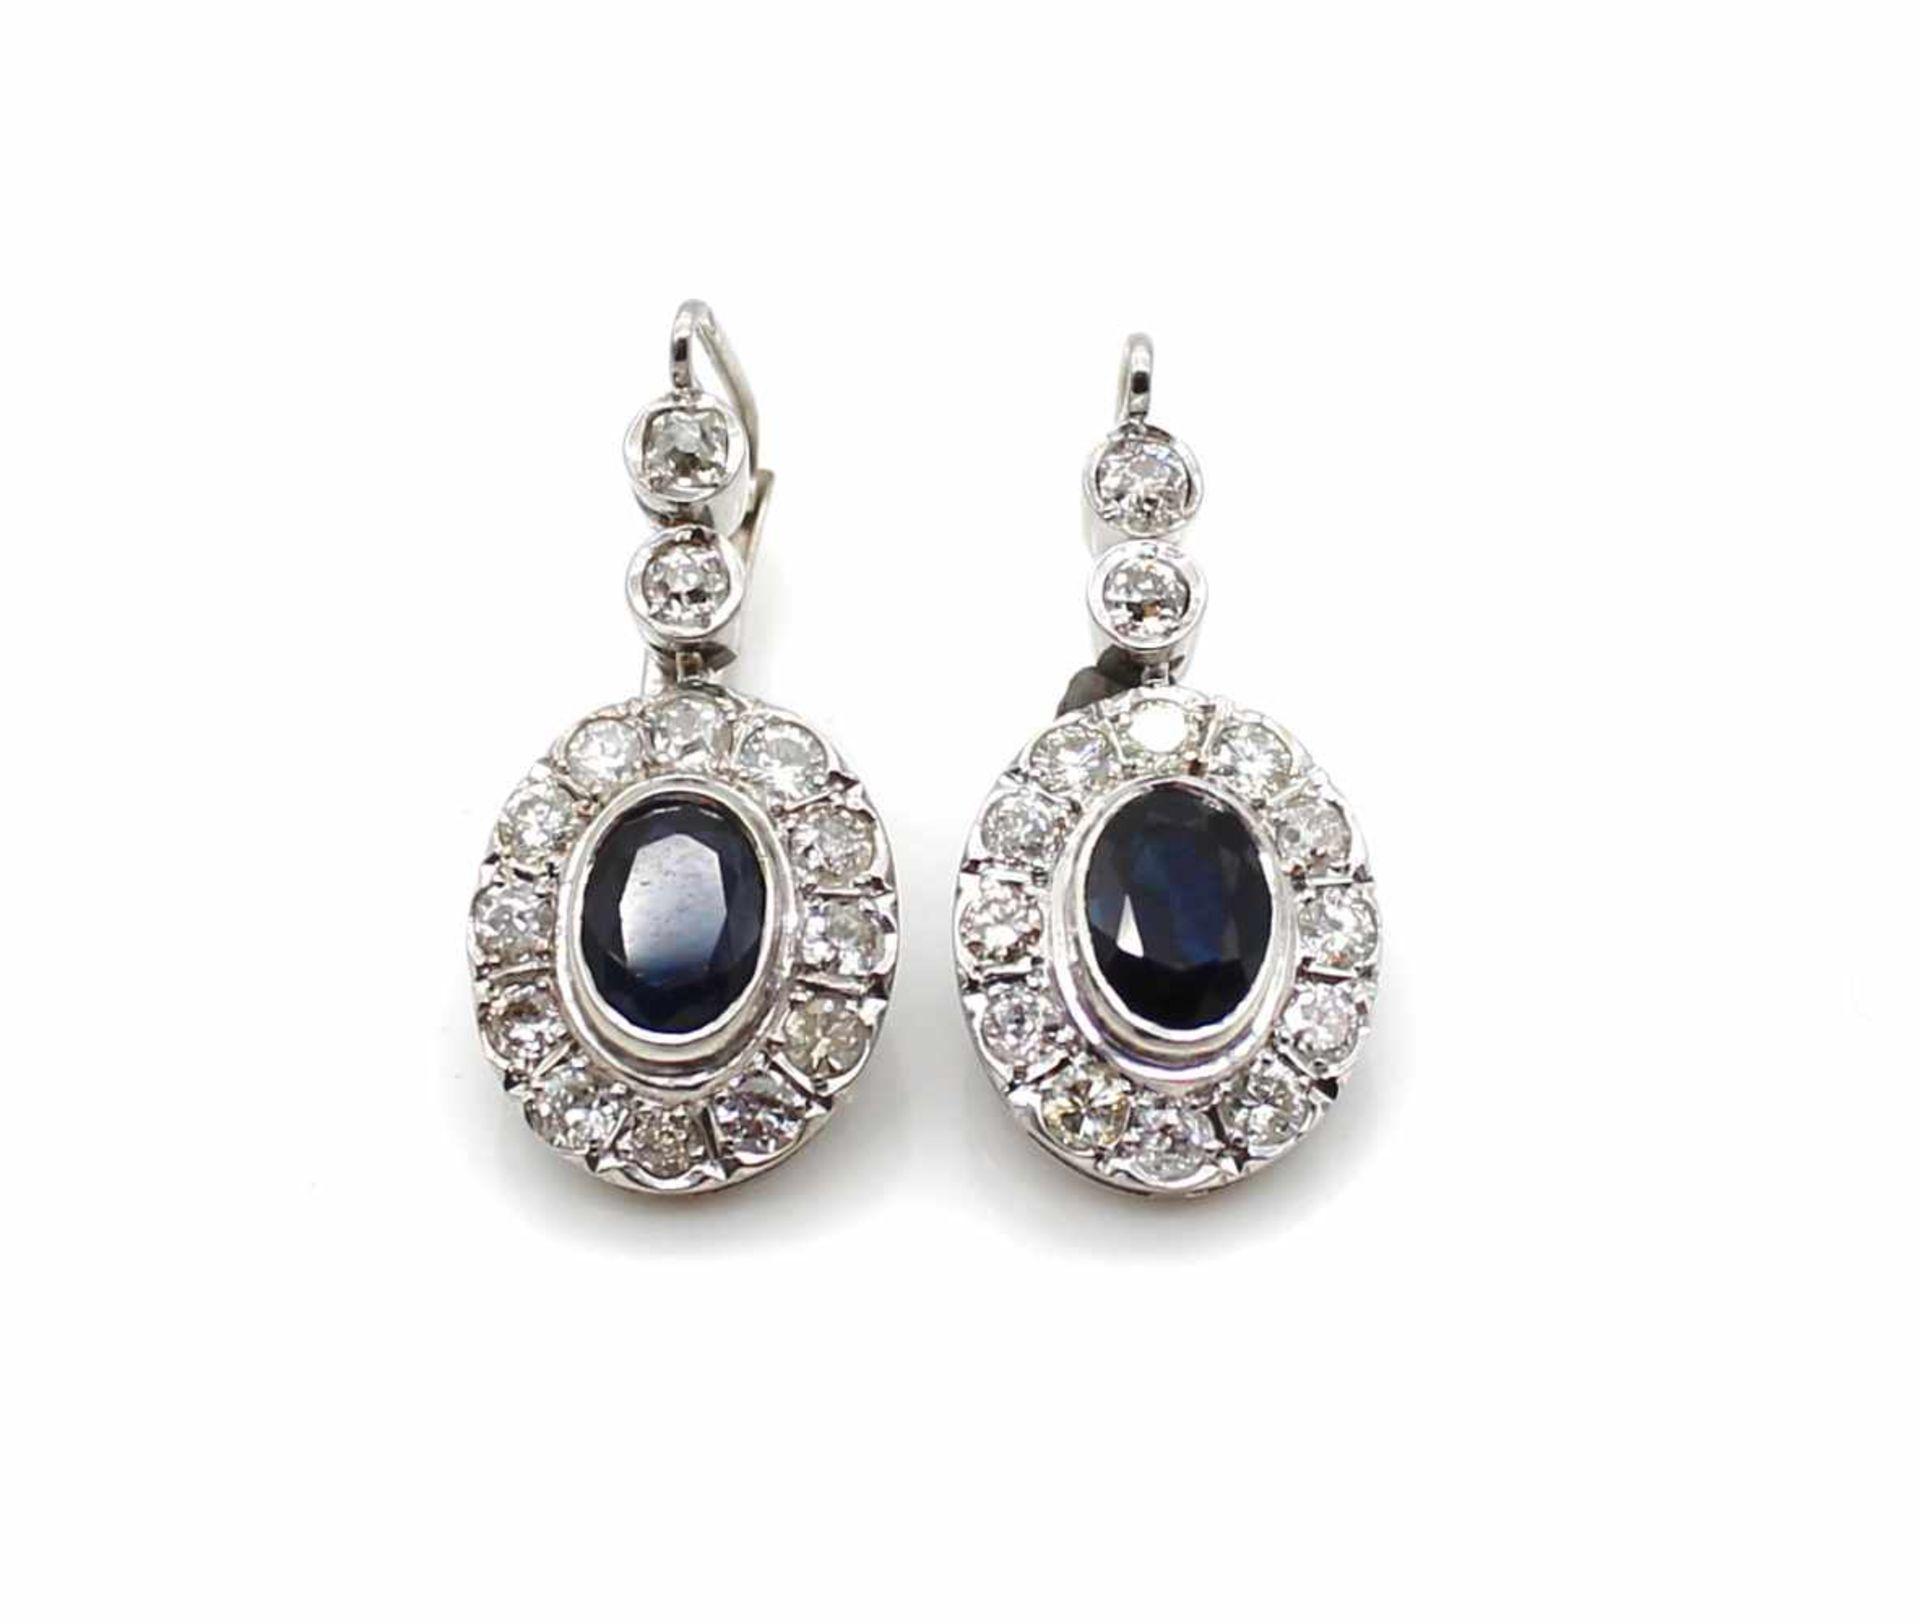 Los 3 - 1 Paar Ohrringe geprüft auf 585 Weißgold mit div. Diamanten und je einem Saphir, 6,8g